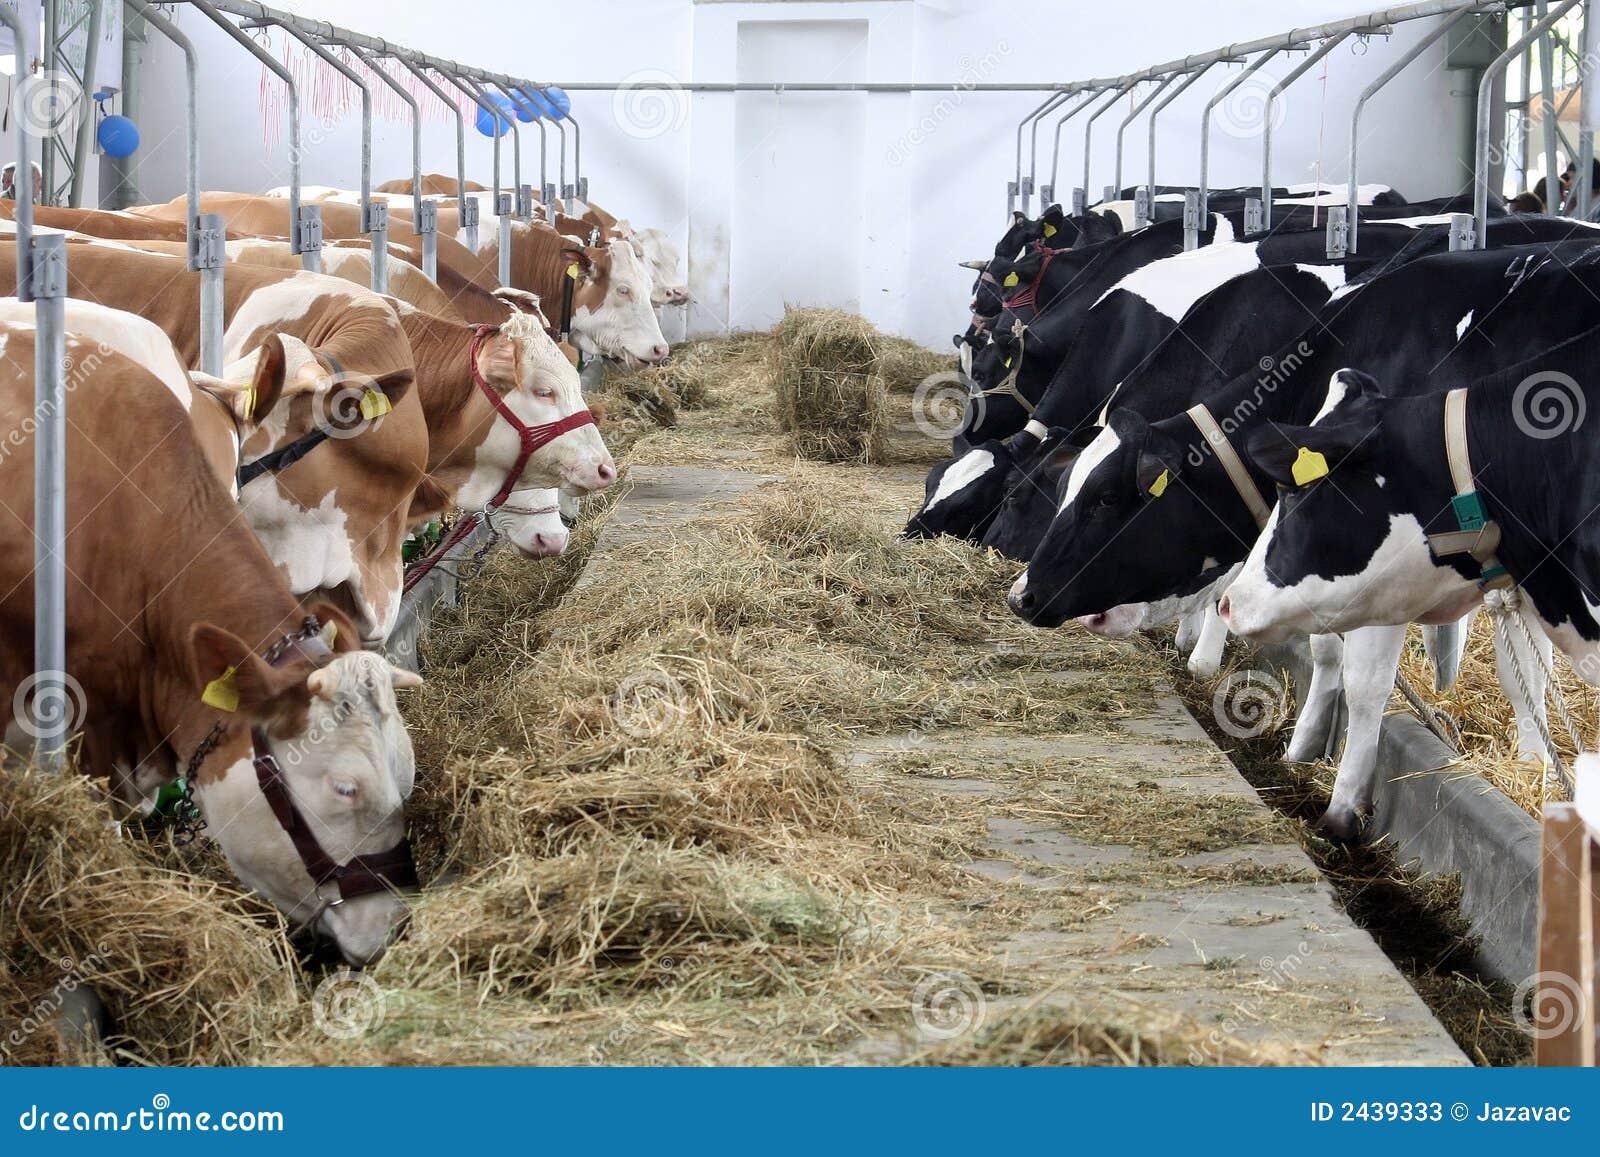 Cow Farm Stock Photos - Image: 2439333